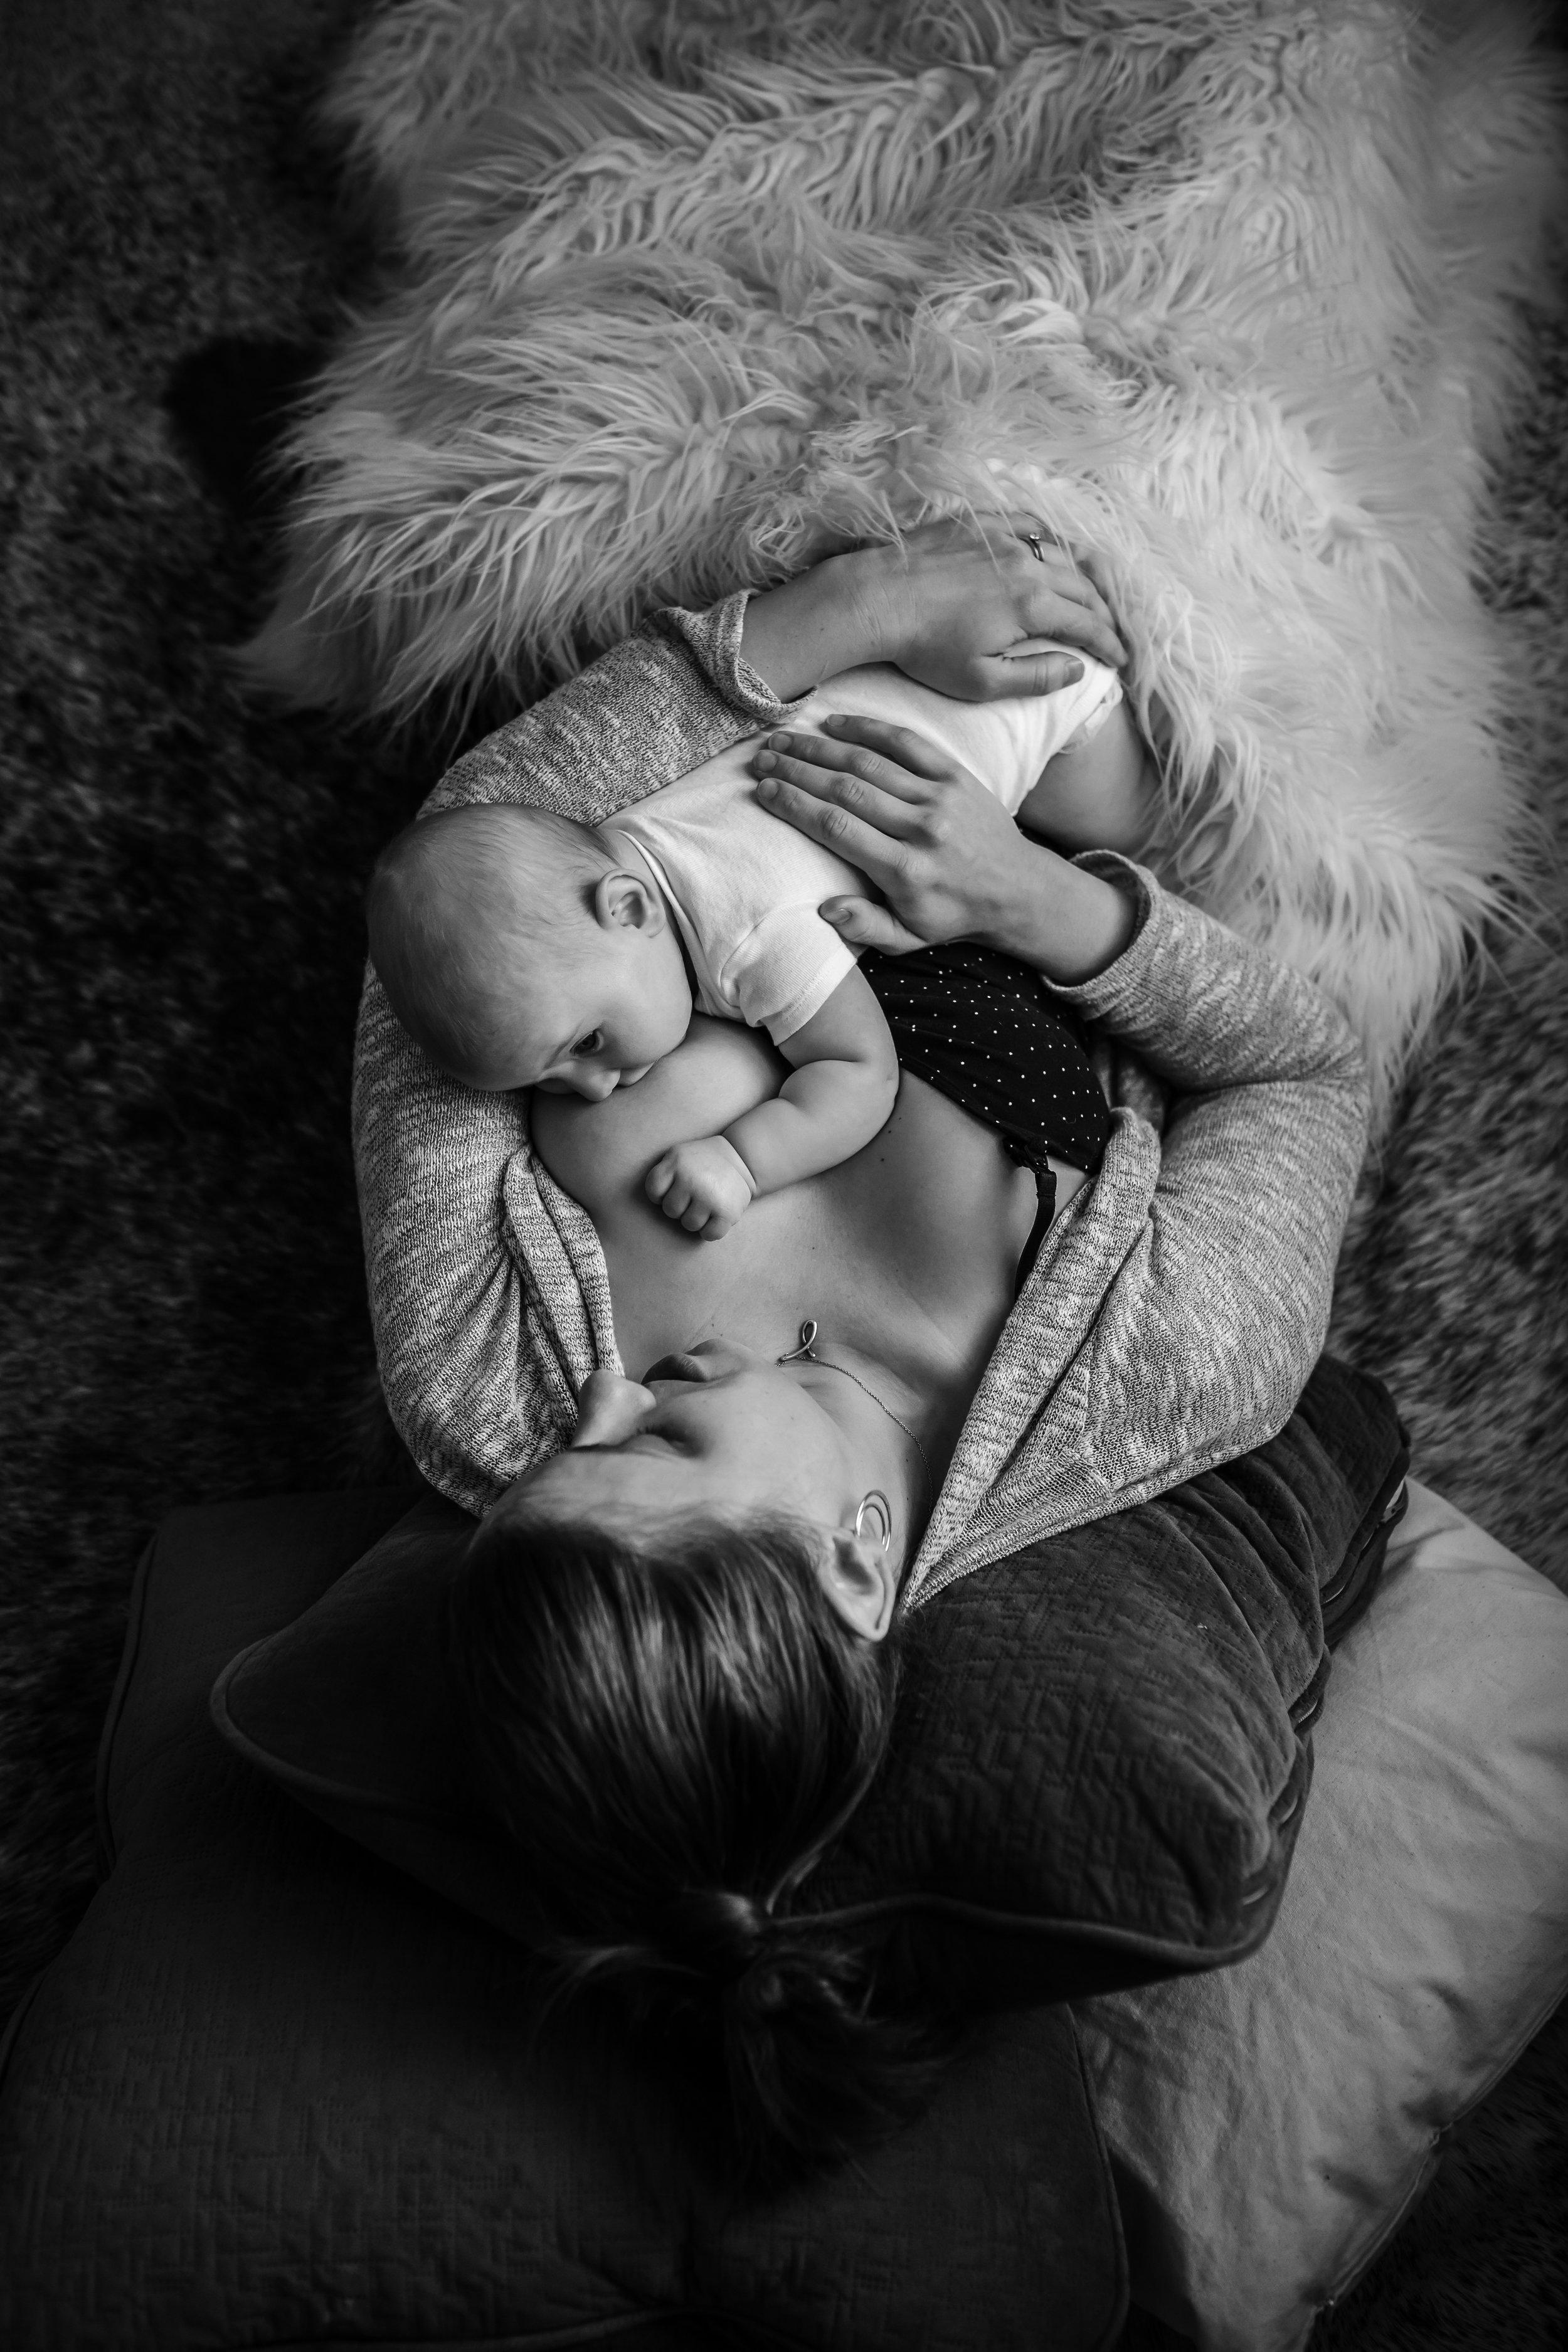 Dexter-Motherhood-Photography-Julie (28).jpg